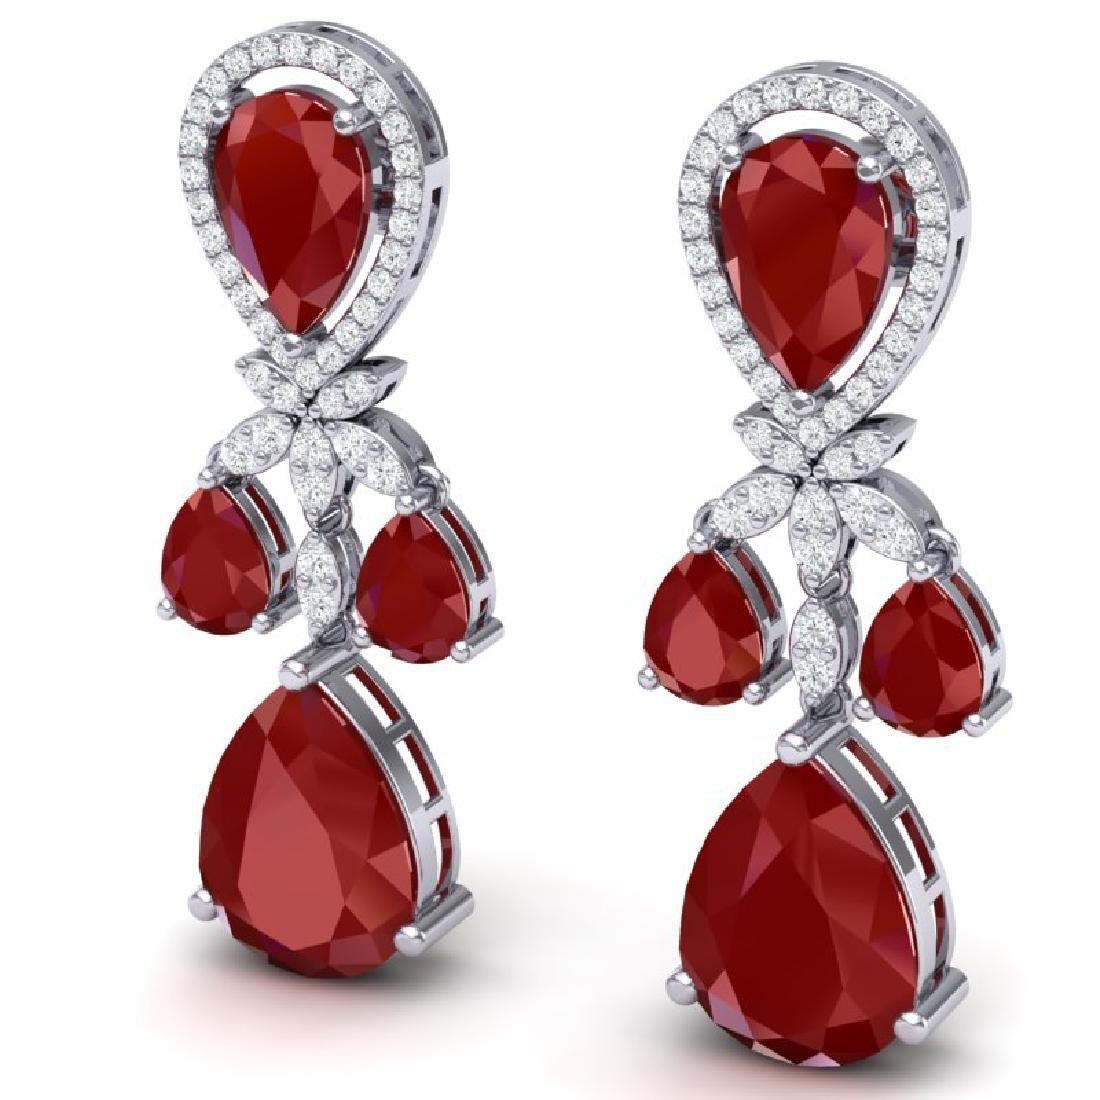 38.29 CTW Royalty Designer Ruby & VS Diamond Earrings - 2